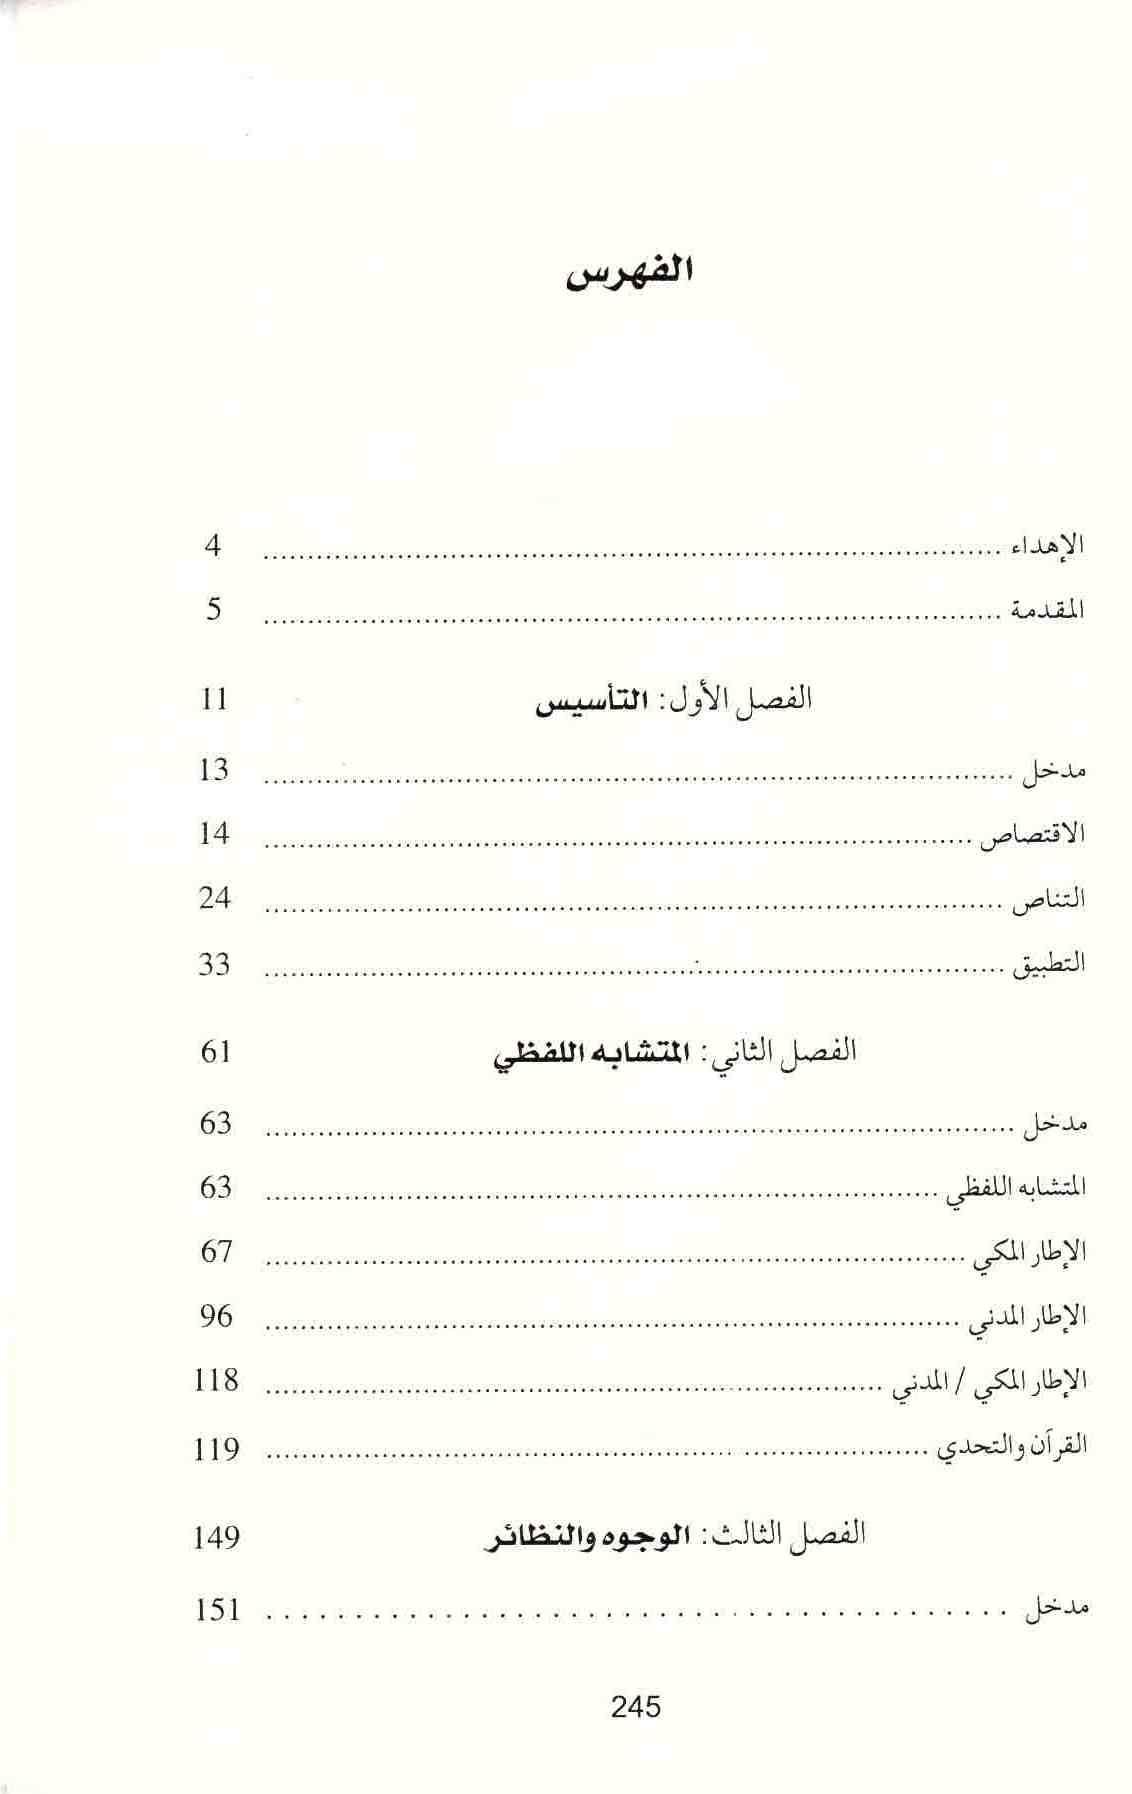 ص 245 محتويات كتاب التناص القرآني